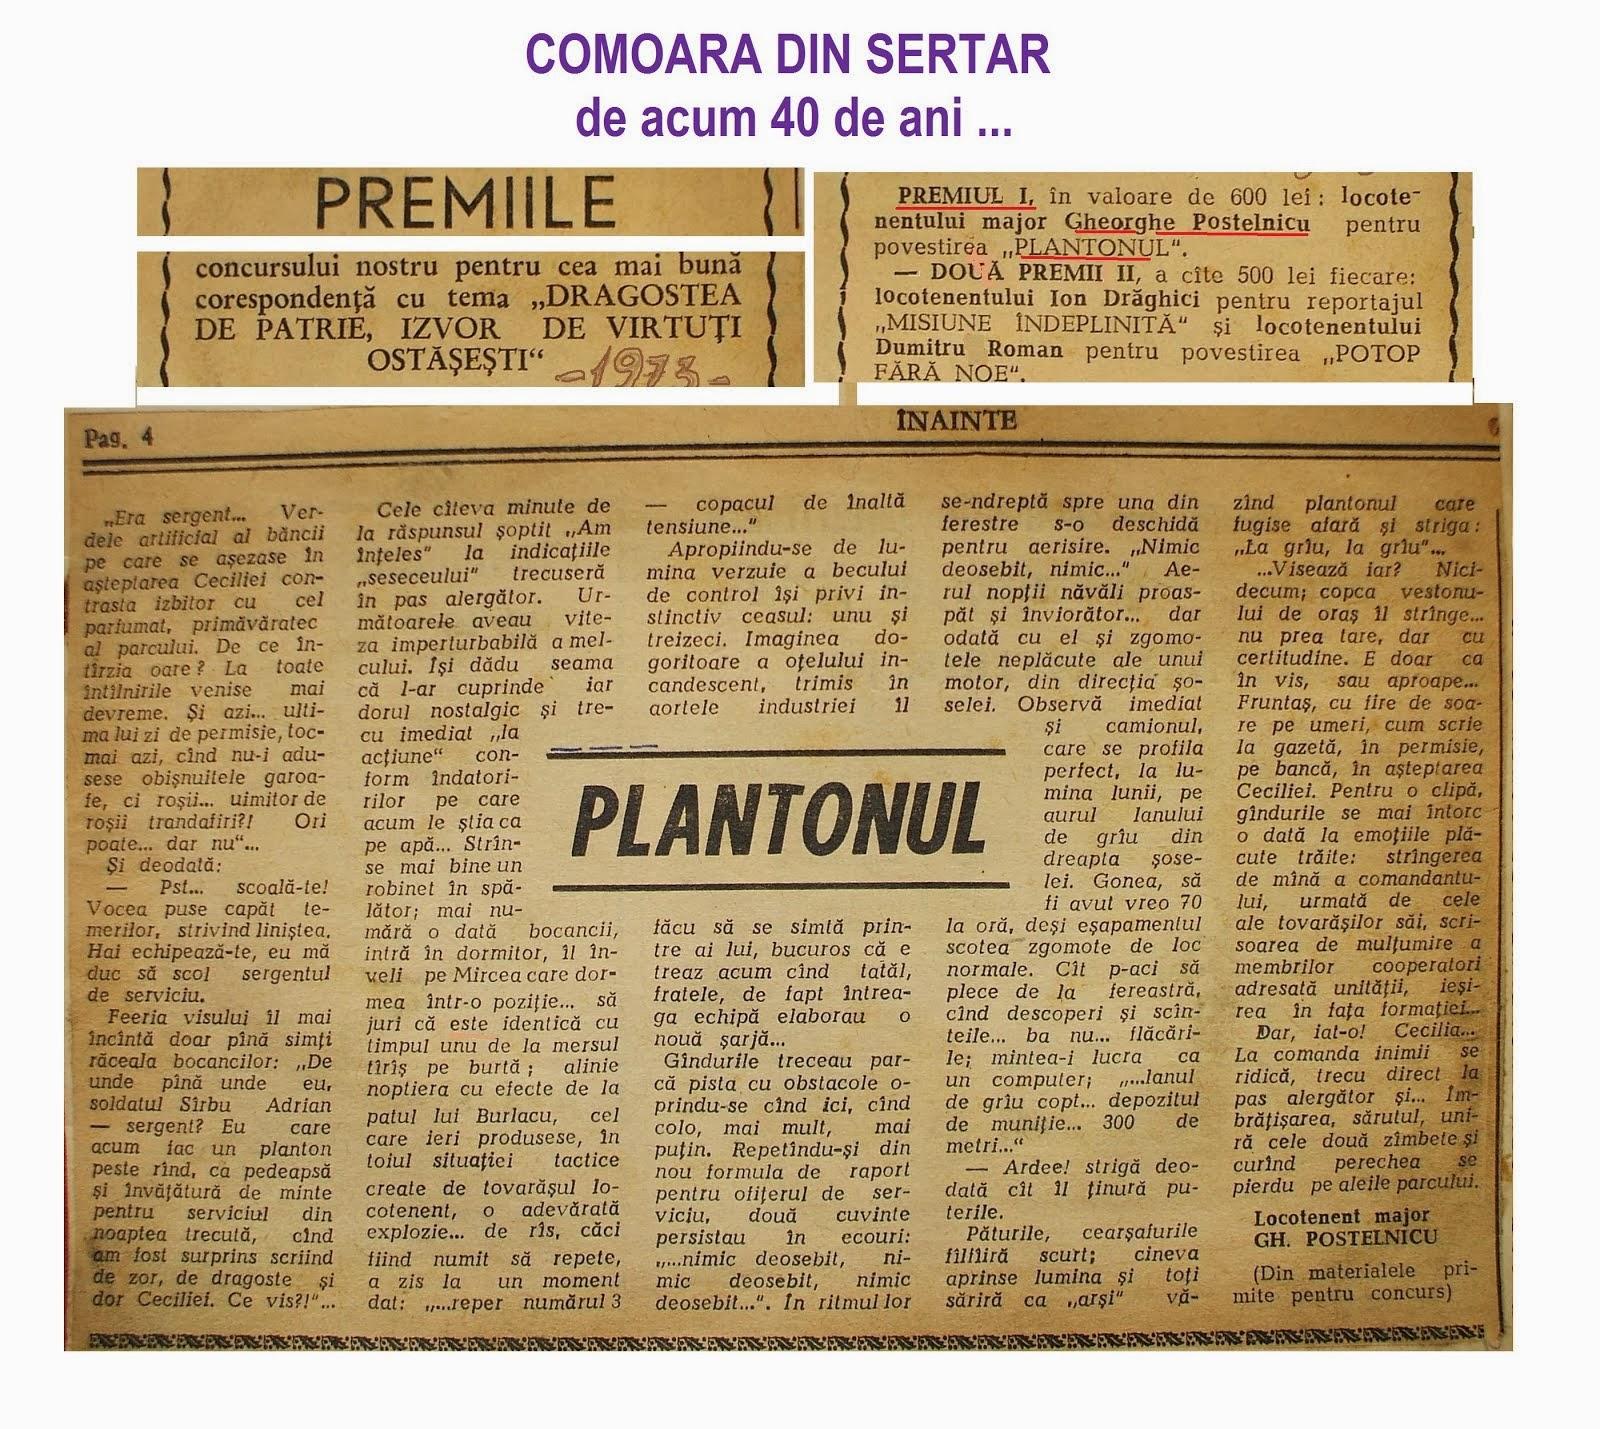 PLANTON premiat cu 600 lei ... în 1973 !